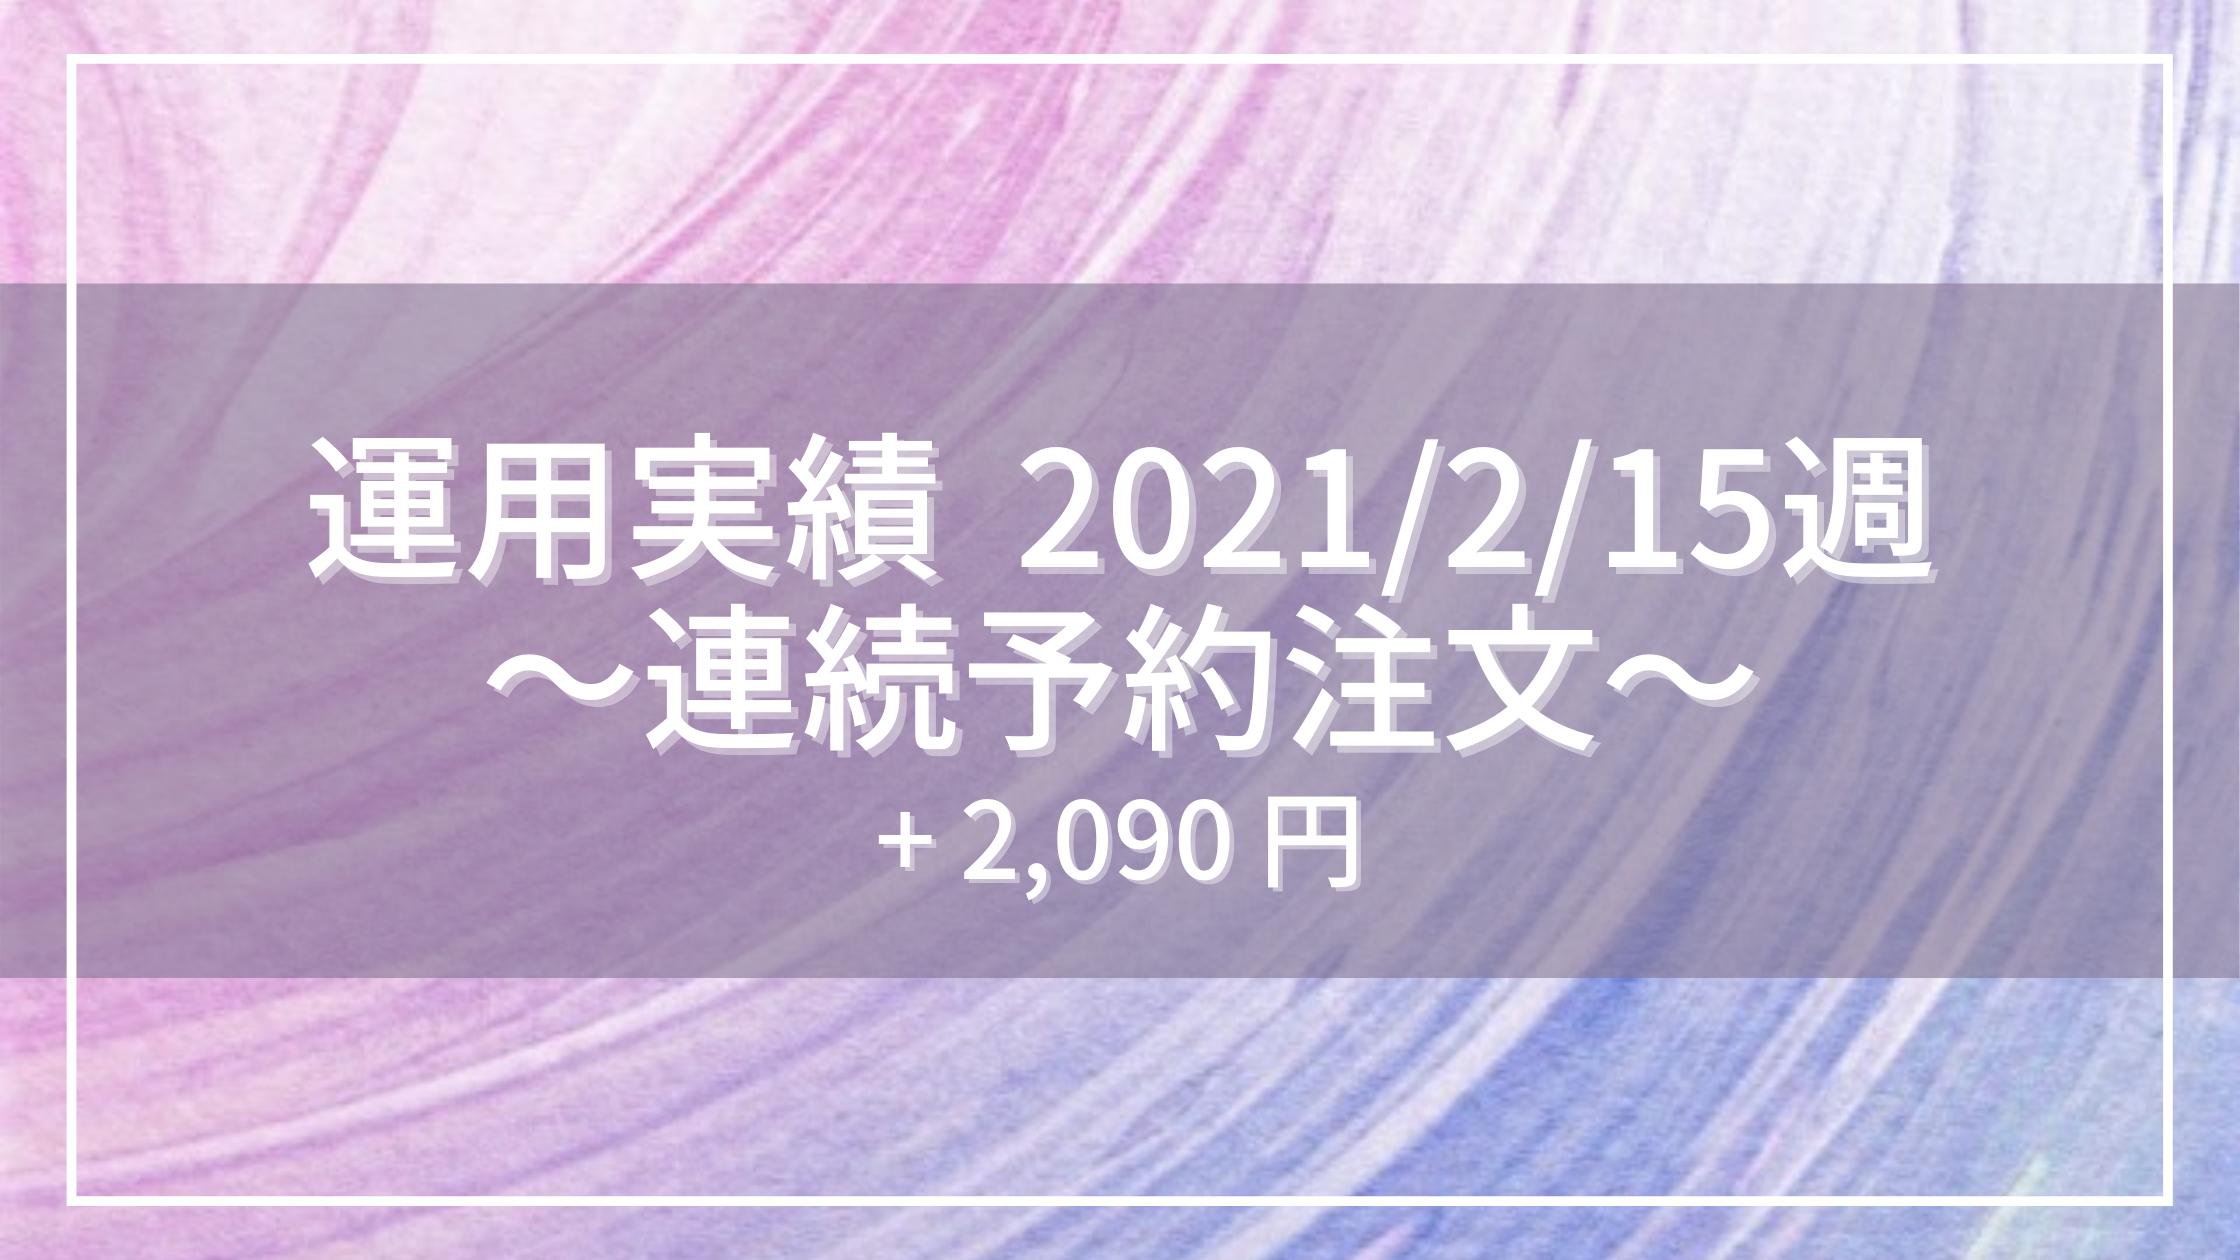 20210215_運用実績_連続予約注文